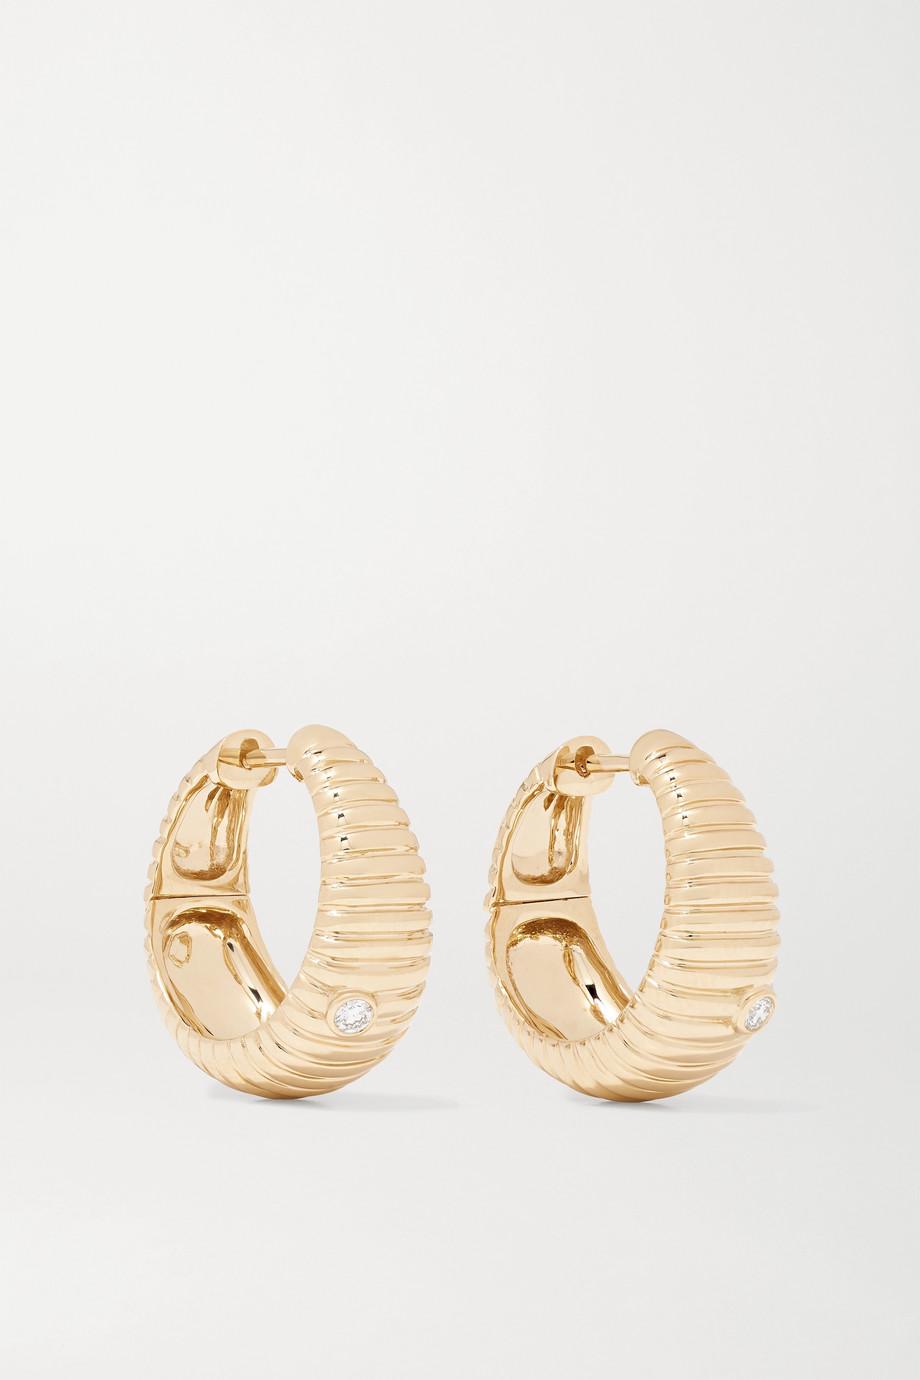 Yvonne Léon Boucles d'oreilles en or 9 carats et diamants